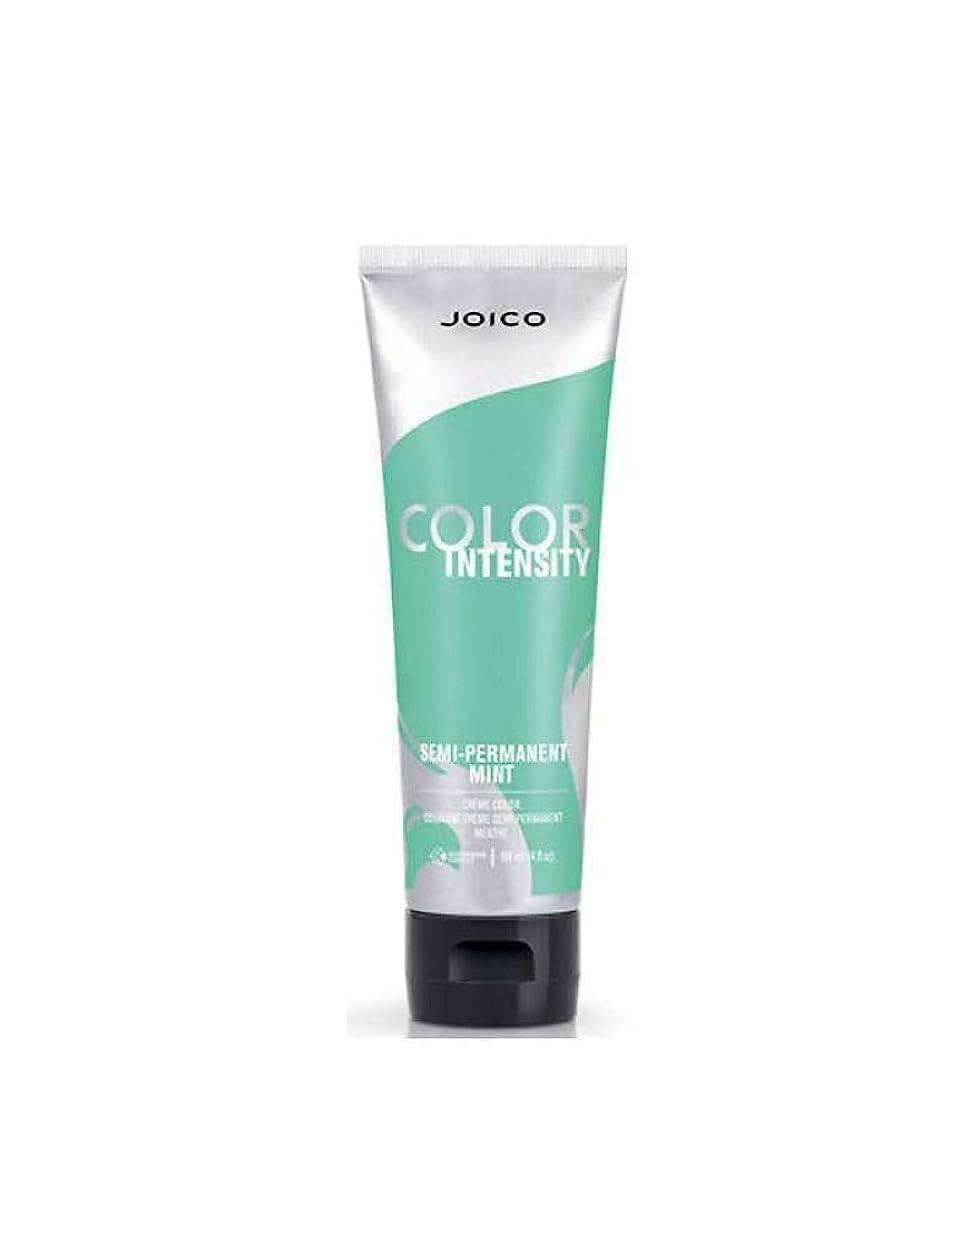 トレイセーブ延期するJoico 半永久的な色強度、 4オンス より